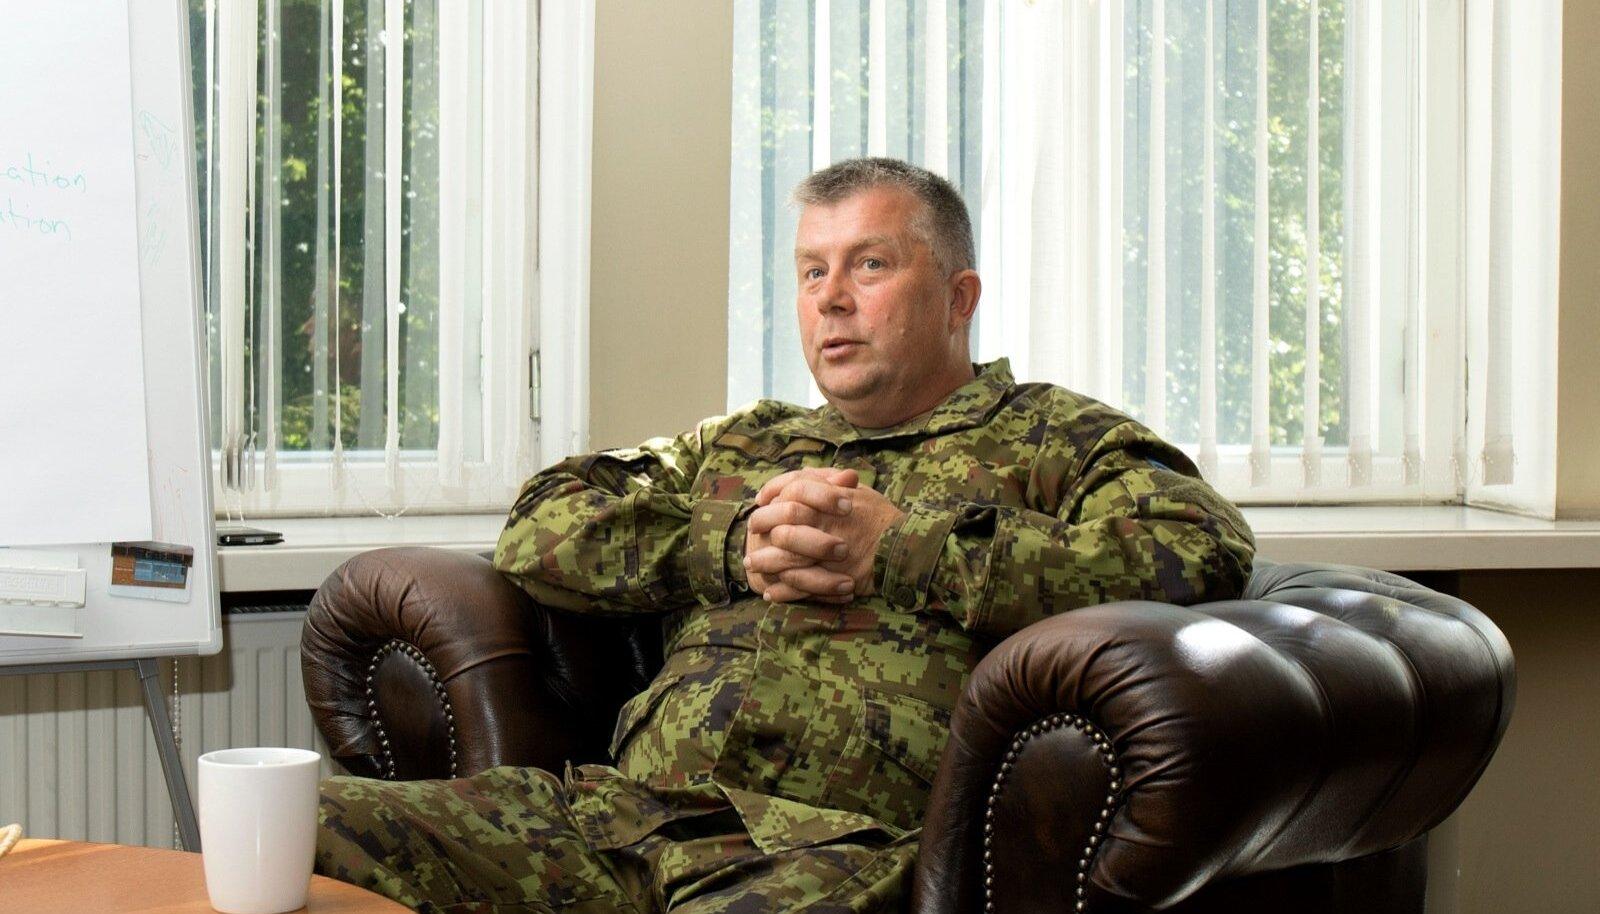 Kaitseliidu ülema kohalt NATO staapi tööle mineva kindralmajor Meelis Kiili sõnul on tal hea öelda, et saab riiki kaitsta tänu sellele, et abikaasa ja vanem tütar on kaitseliitlased ning noorem tütar kodutütar